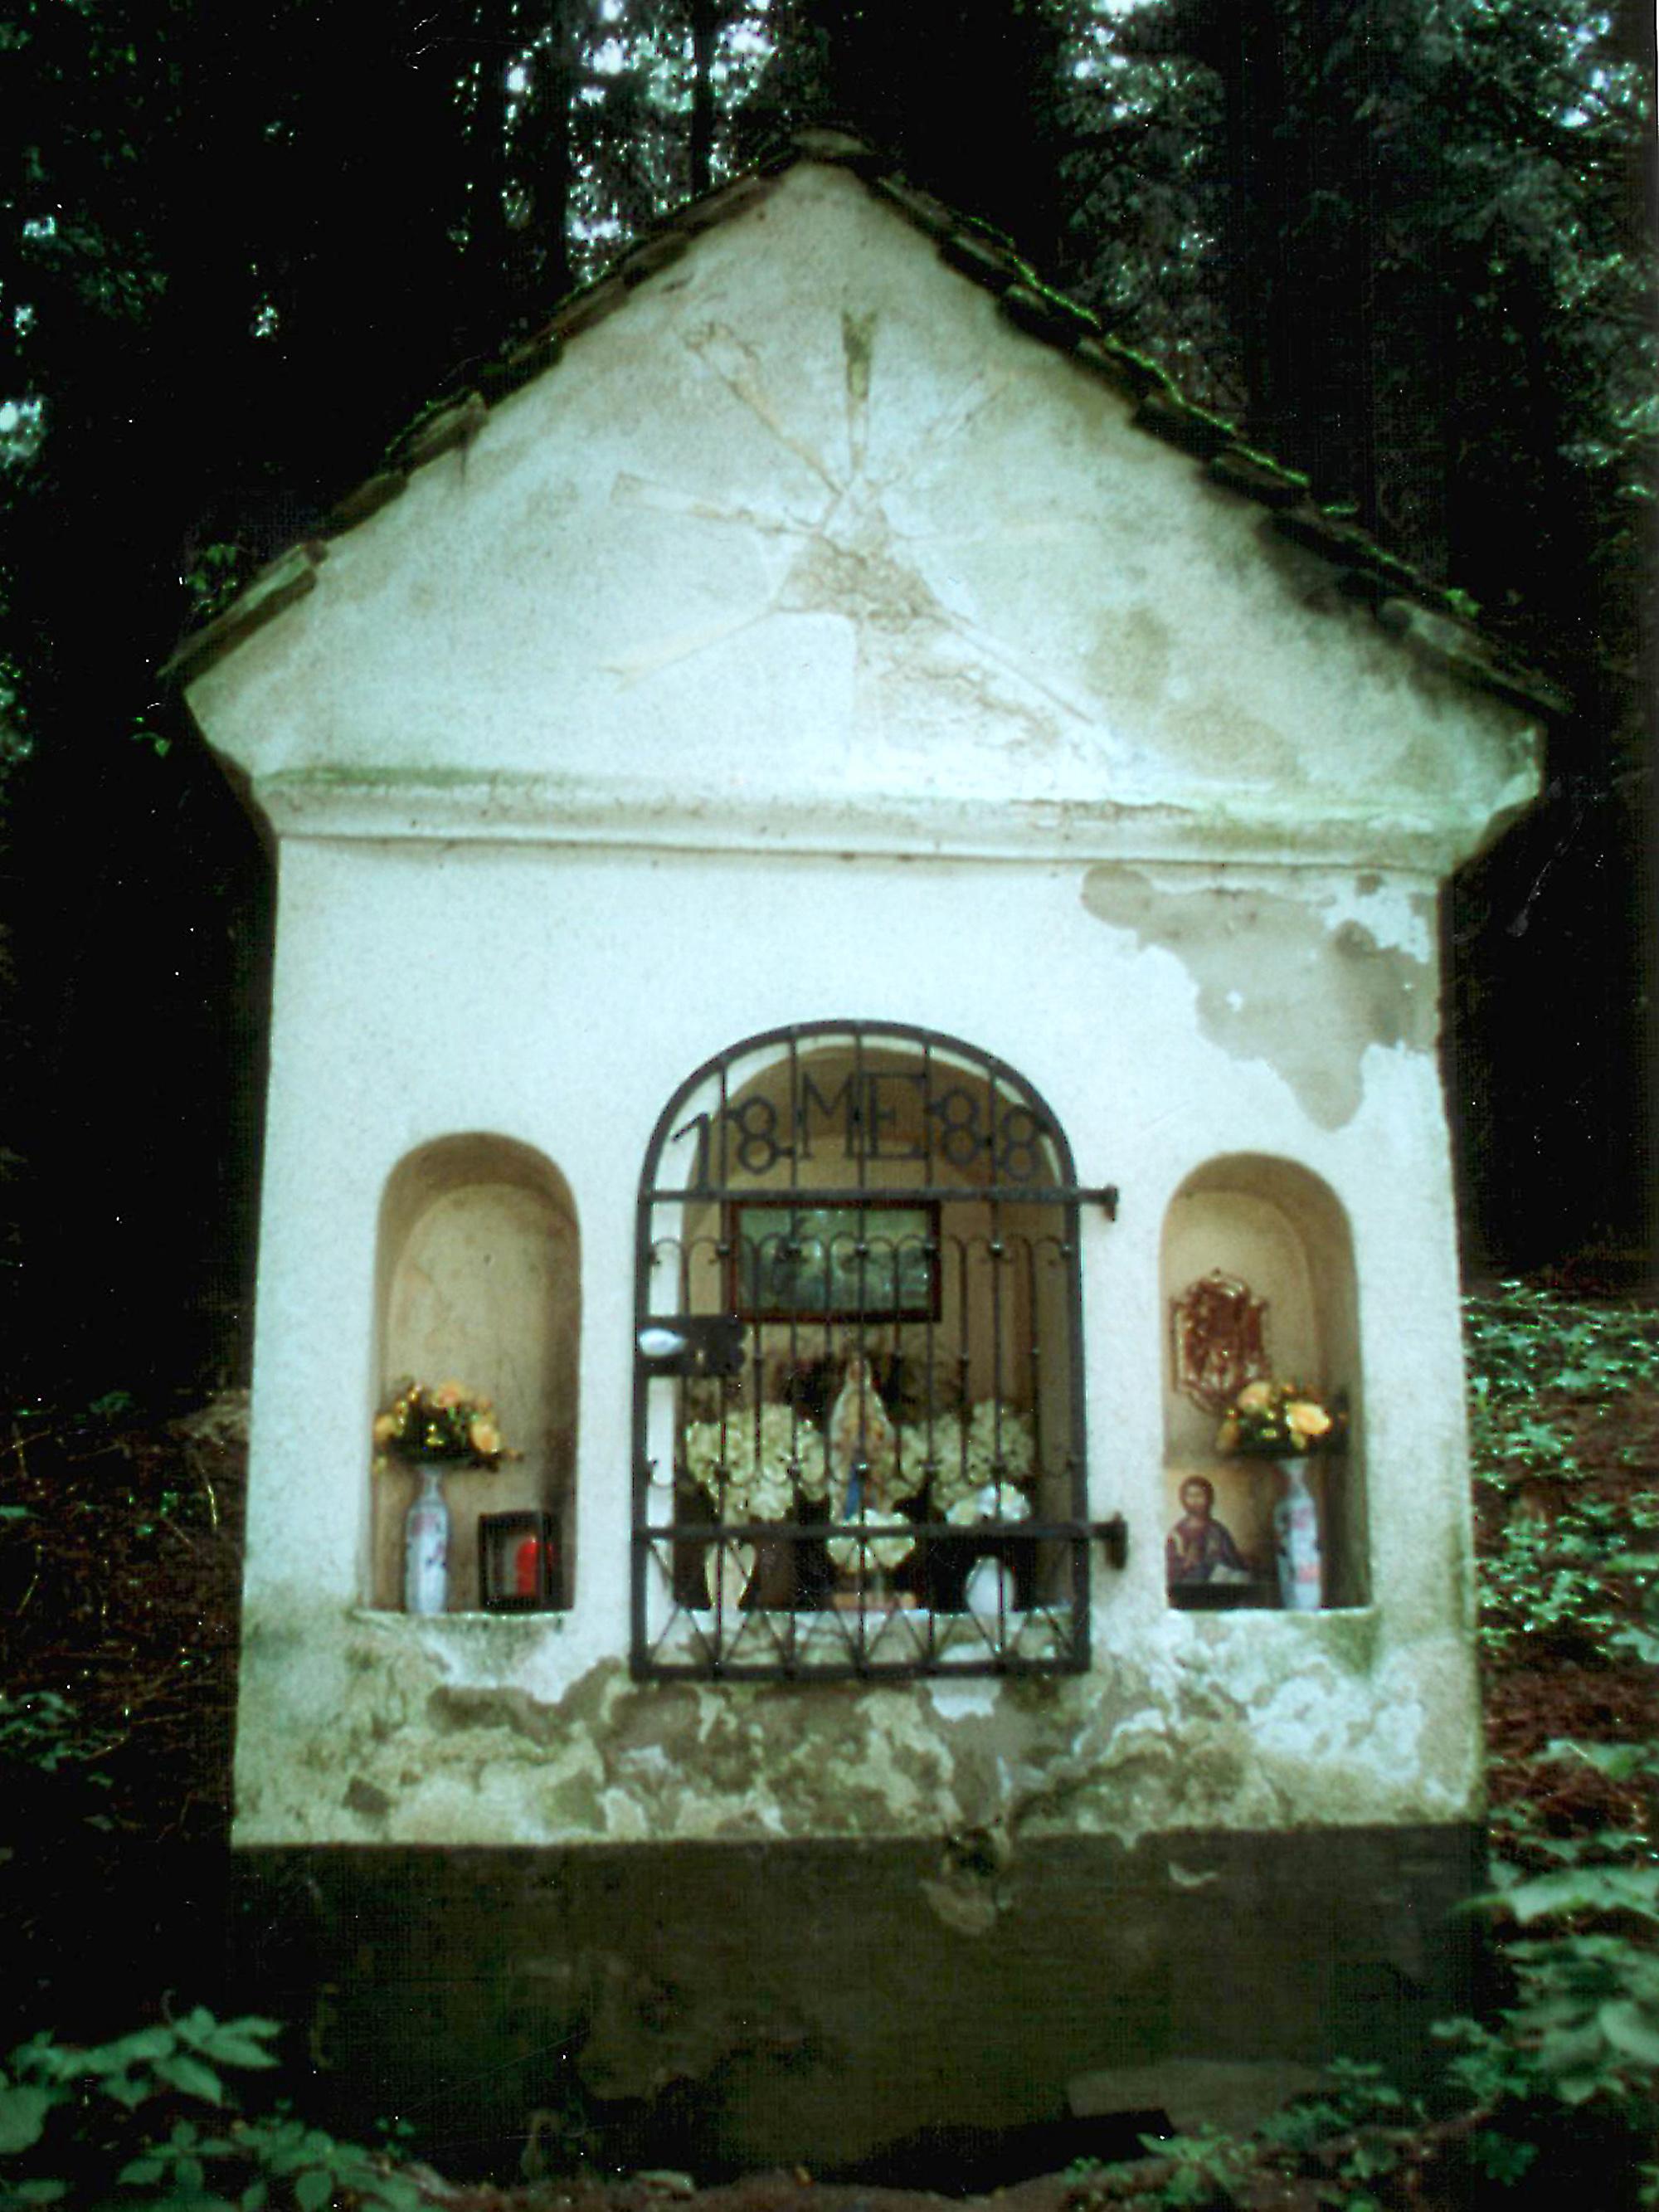 Dates aus maria buch-feistritz - Semriach kleinanzeigen partnersuche